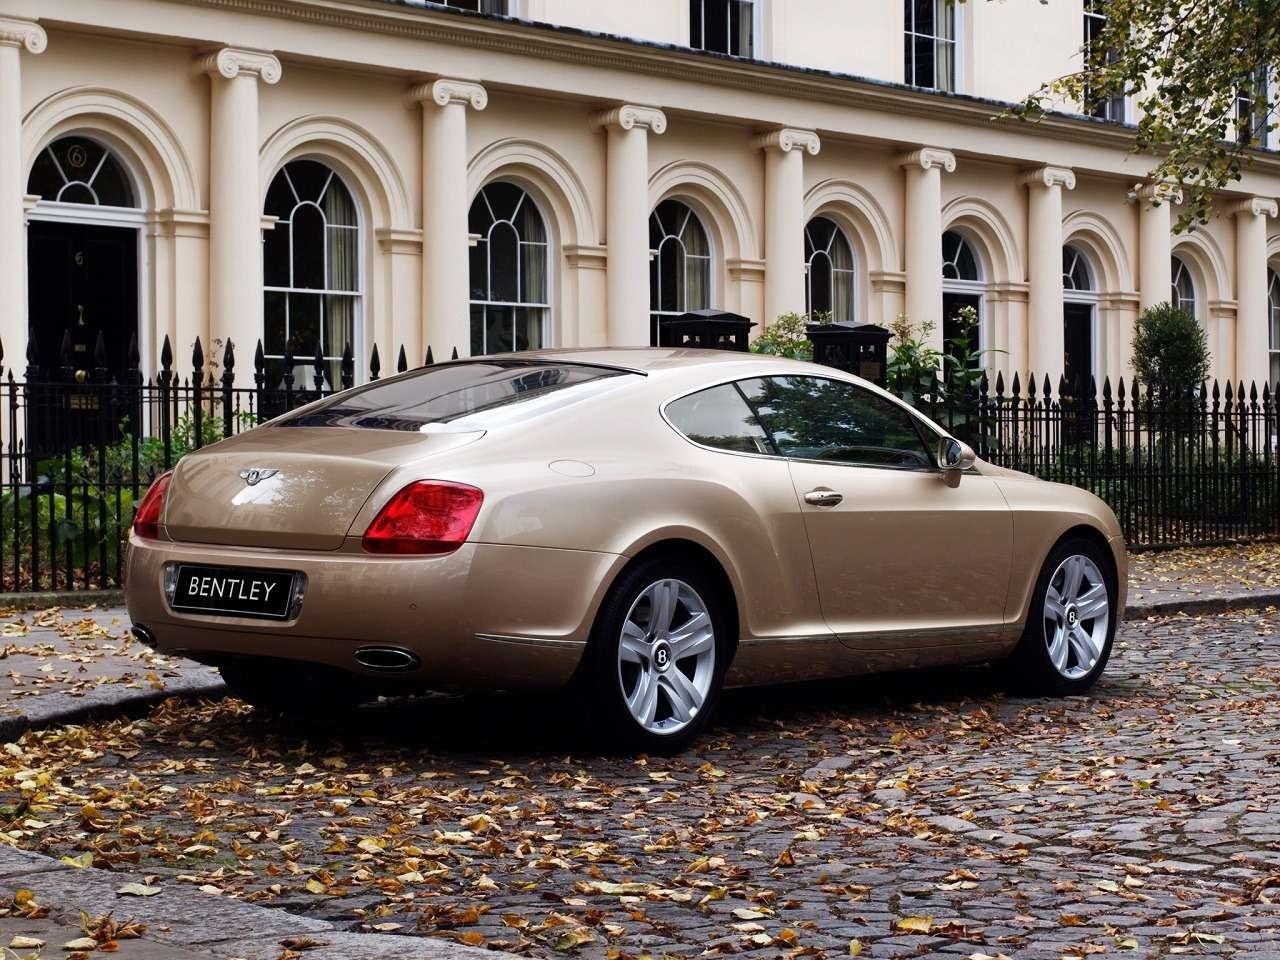 Роскошь недорого: как выбрать Bentley спробегом (инеразориться потом)— фото 1242684